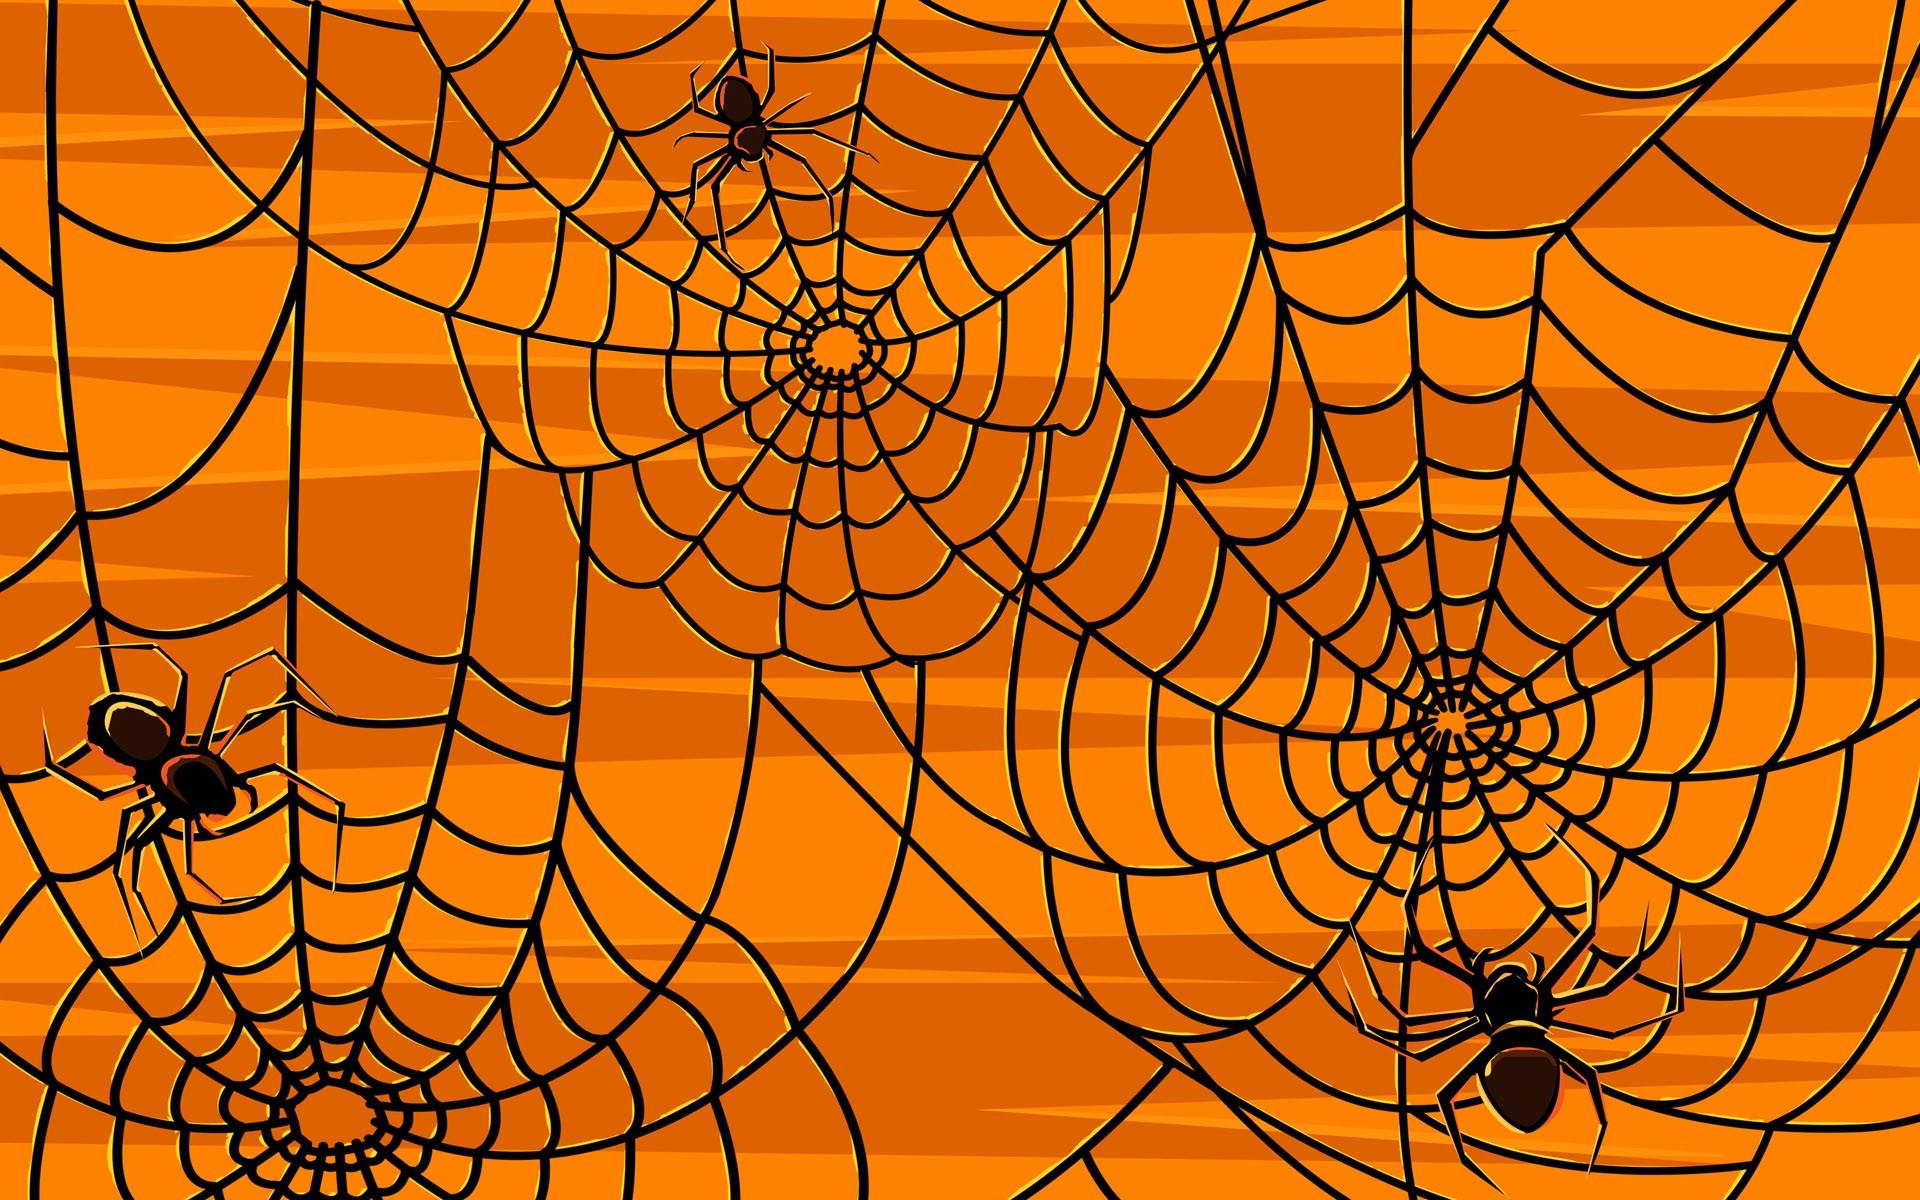 Halloween-1920x1200-High-Quality-widescreen-53175